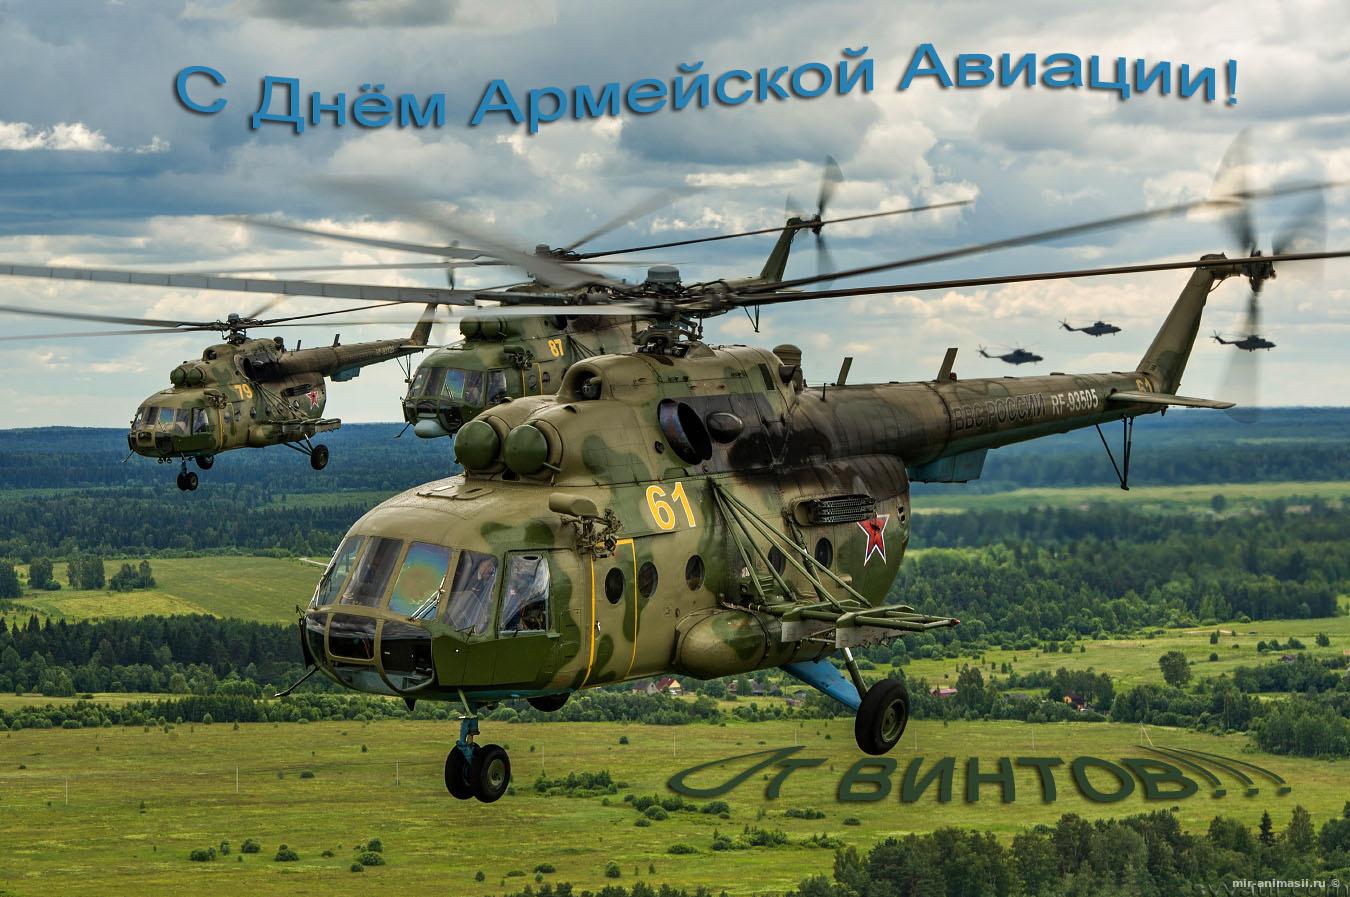 День армейской авиации открытки и поздравления